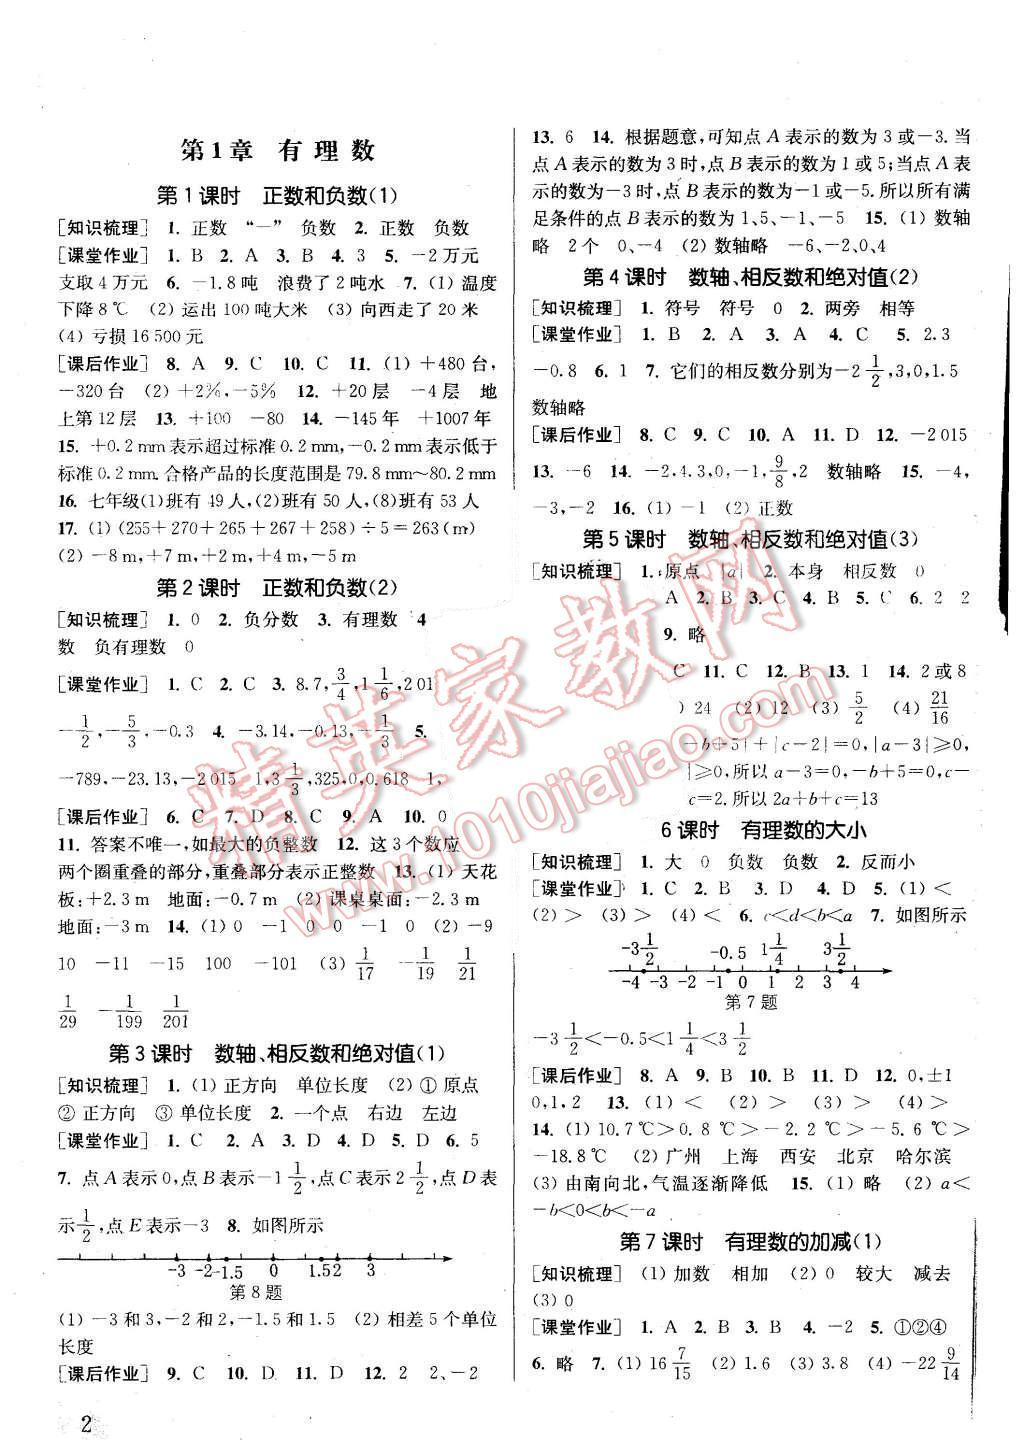 2015年通城学典课时作业本七年级数学上册沪科版第1页